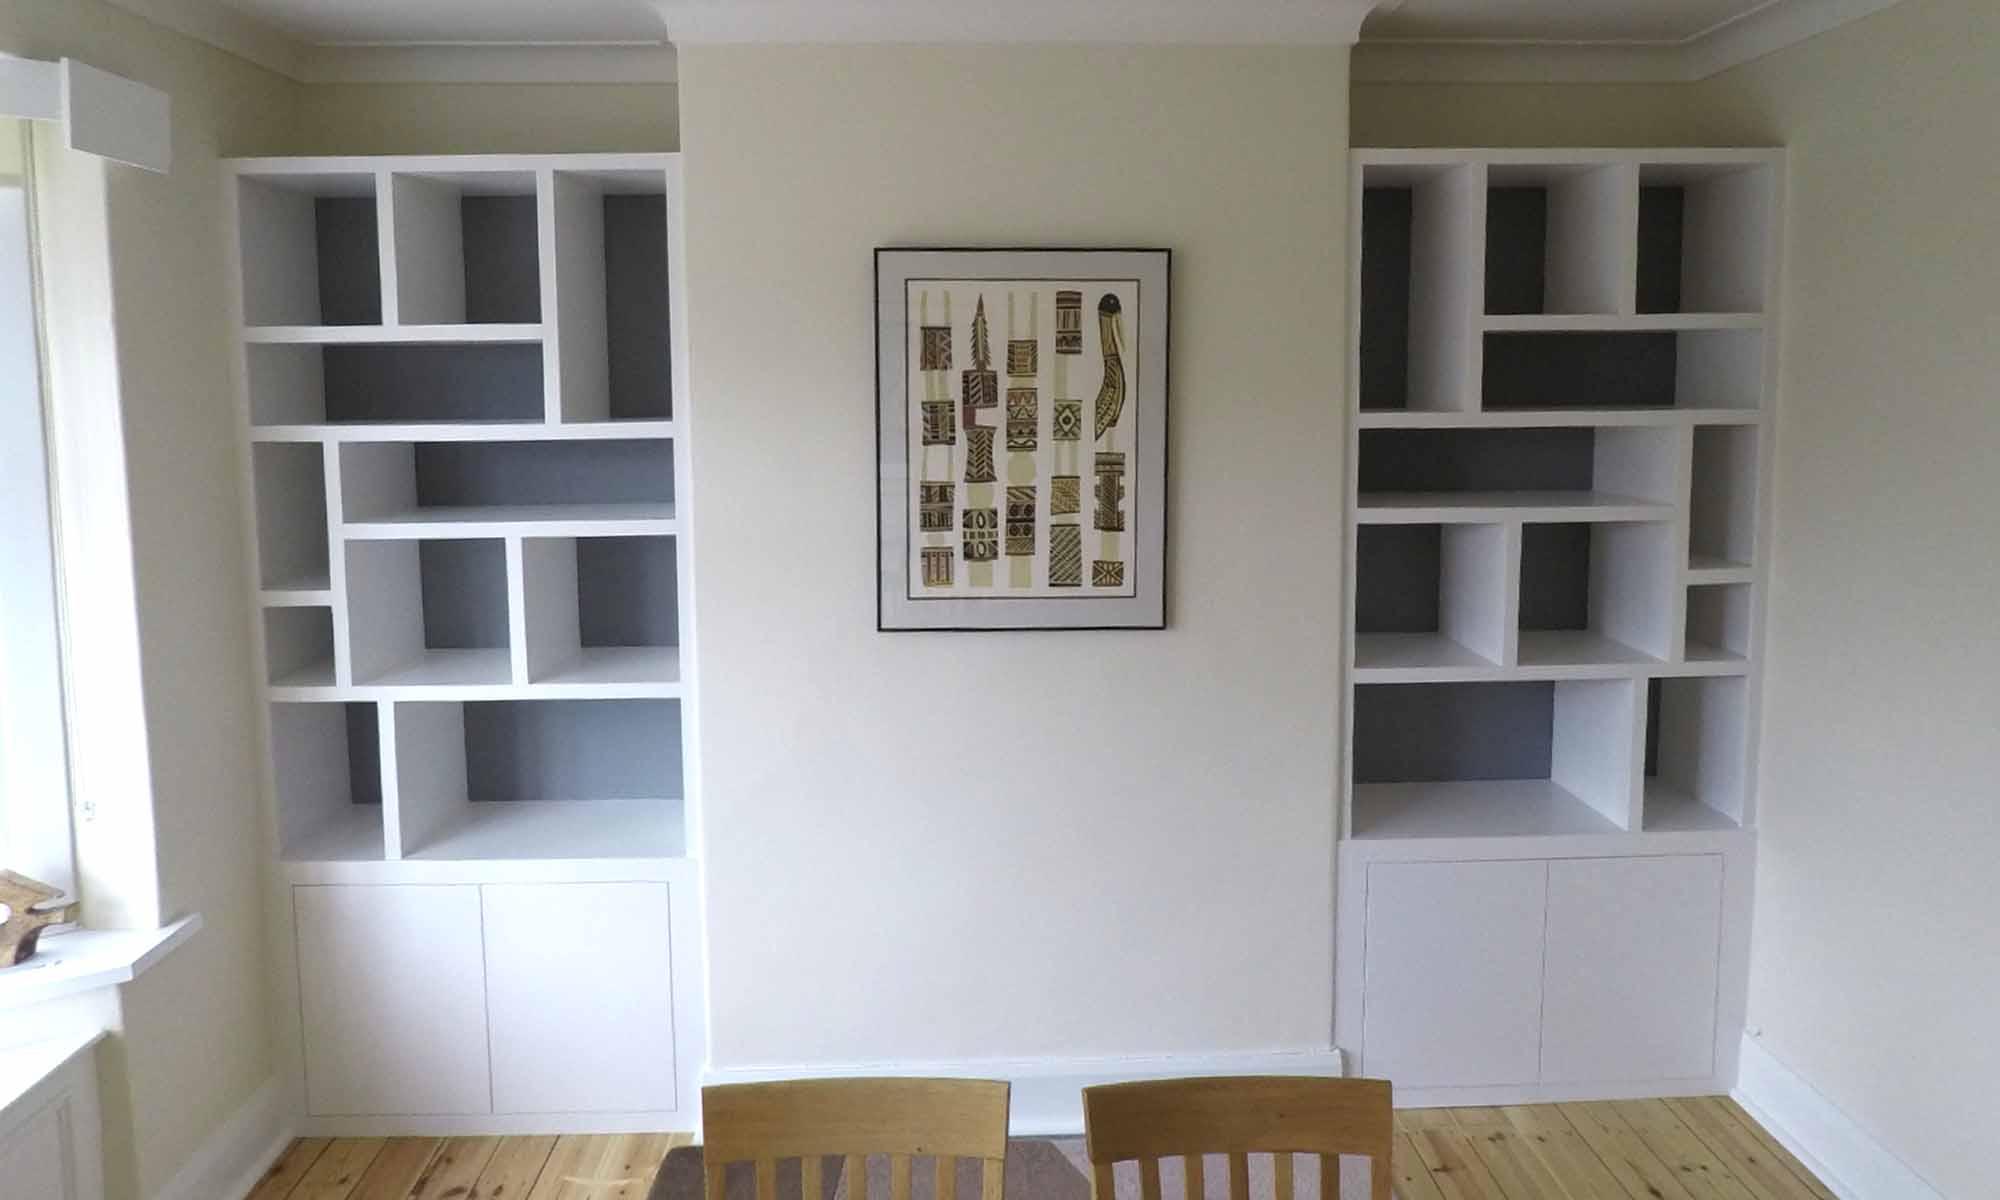 Random Design Bookshelves